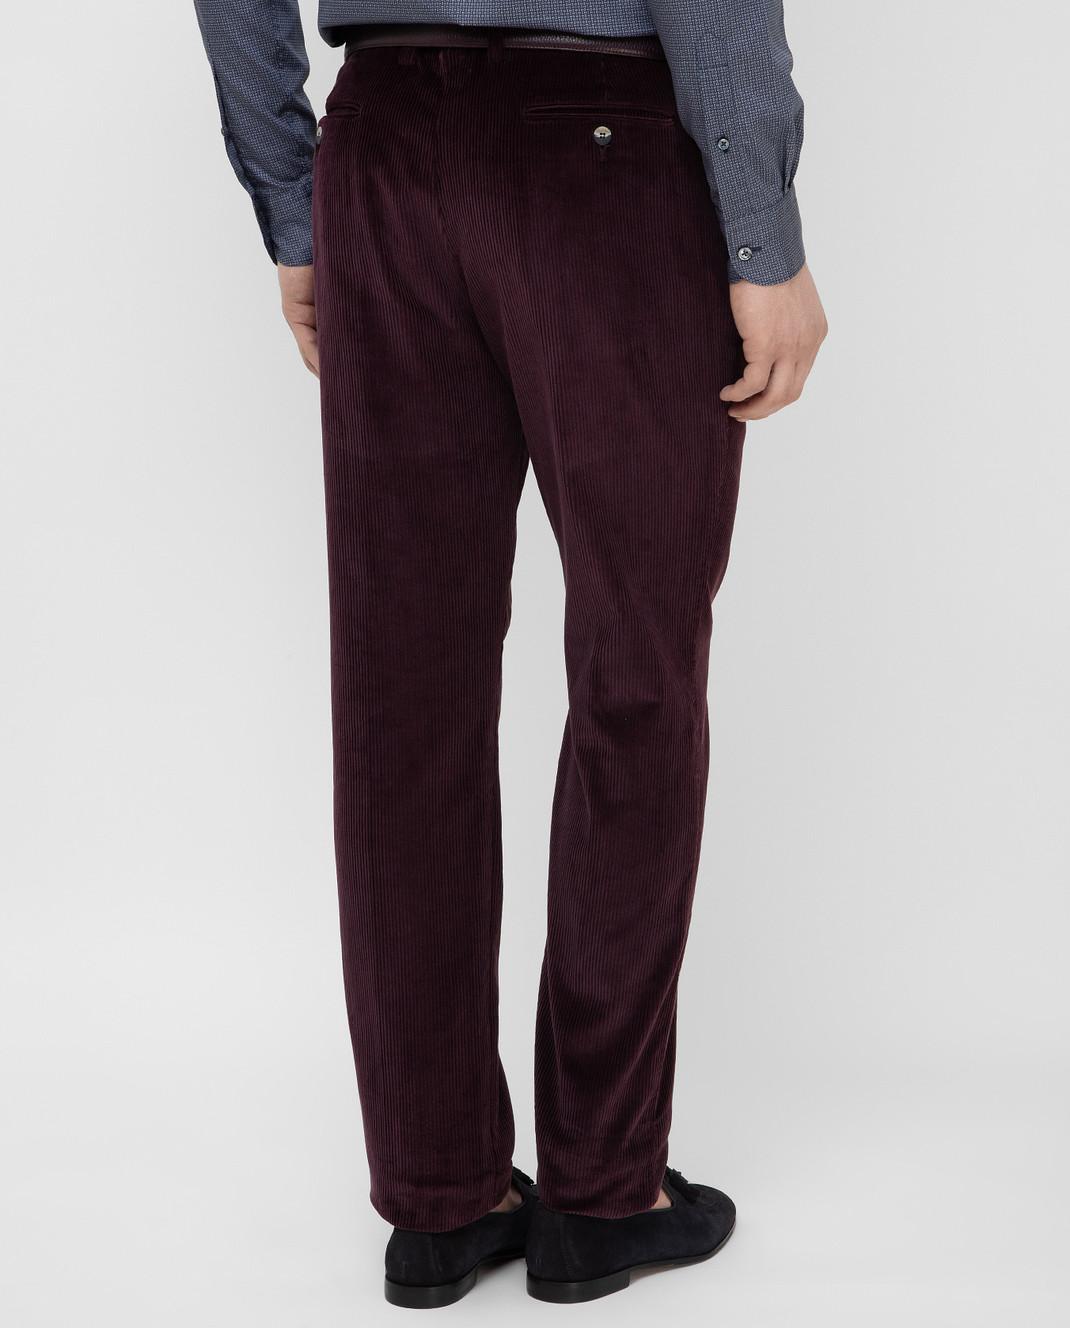 Stile Latino Фиолетовые брюки PUR32RCU13 изображение 4